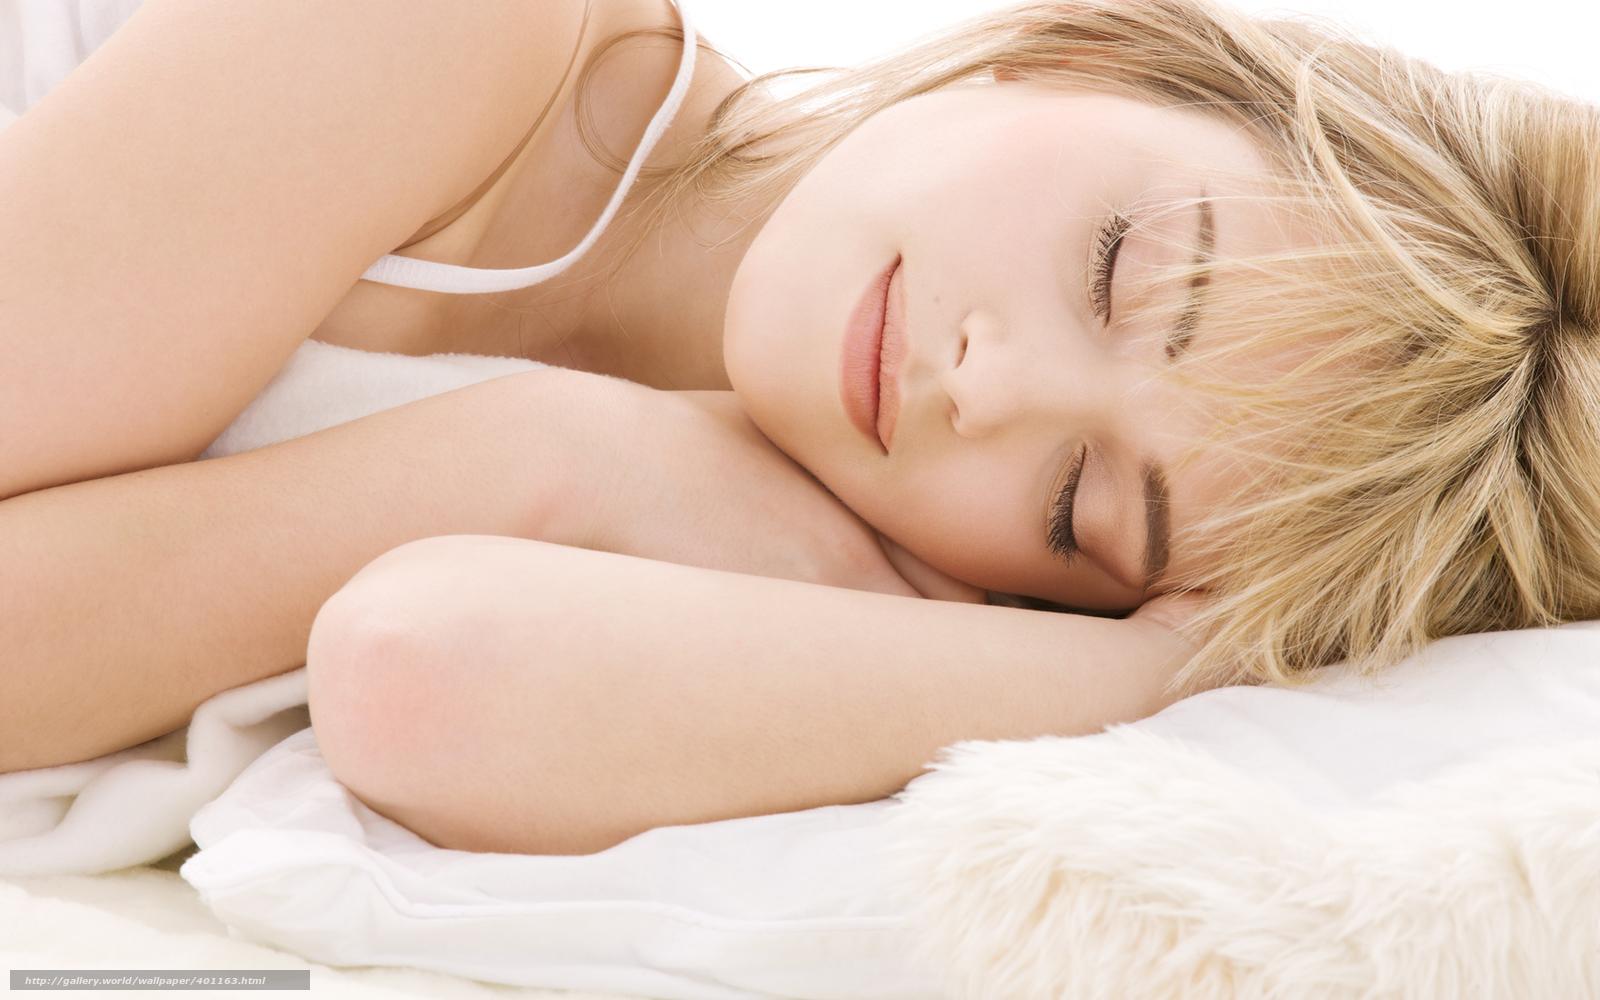 Приподнял одеяло спящей девушки 24 фотография